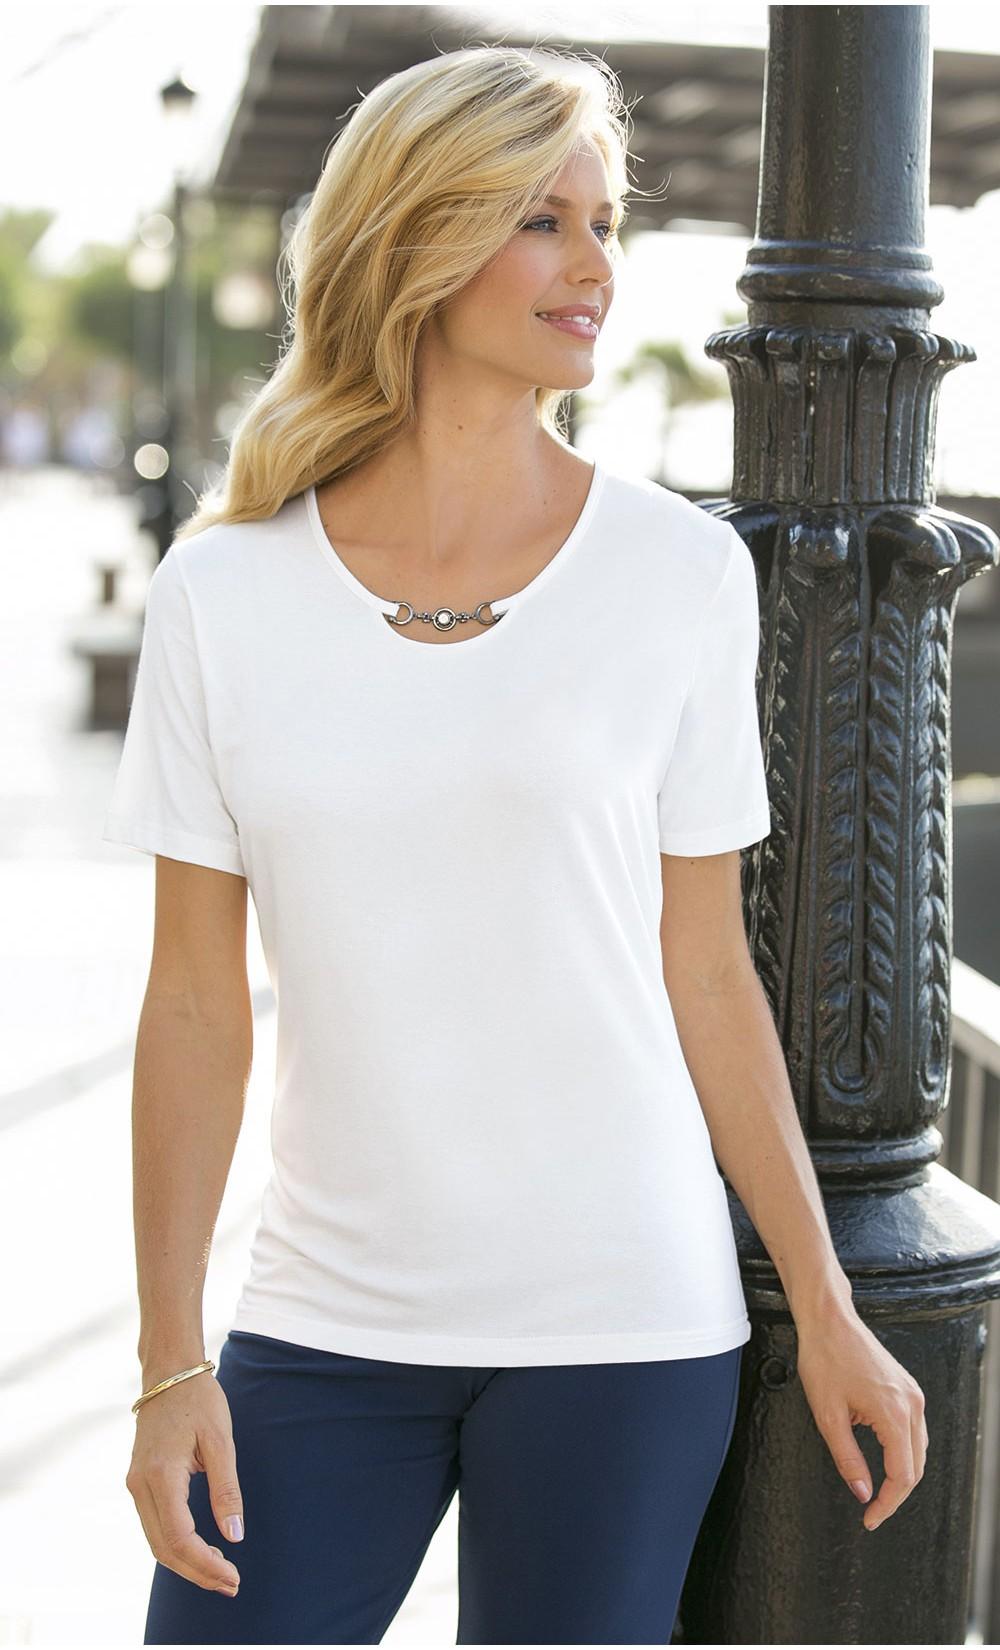 Tee-shirt VIELLA. - VIELLA